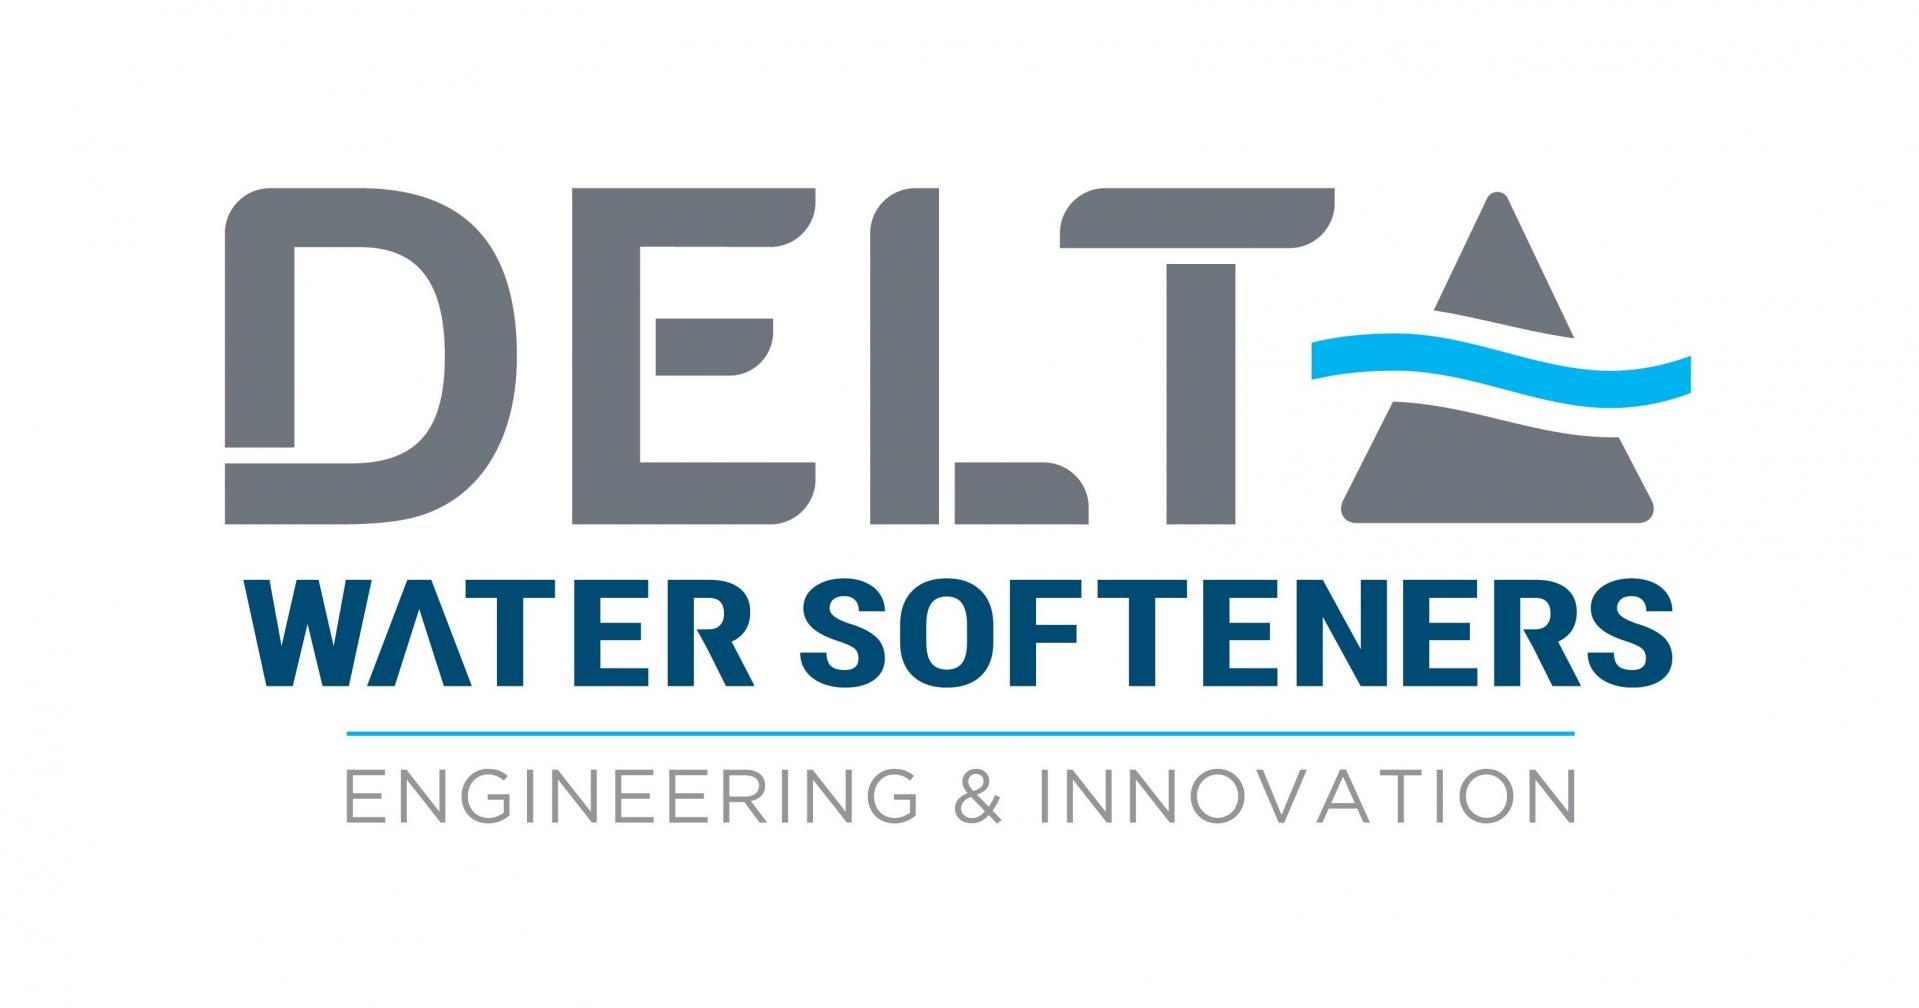 Marque partenaire pour les adoucisseurs d'eau